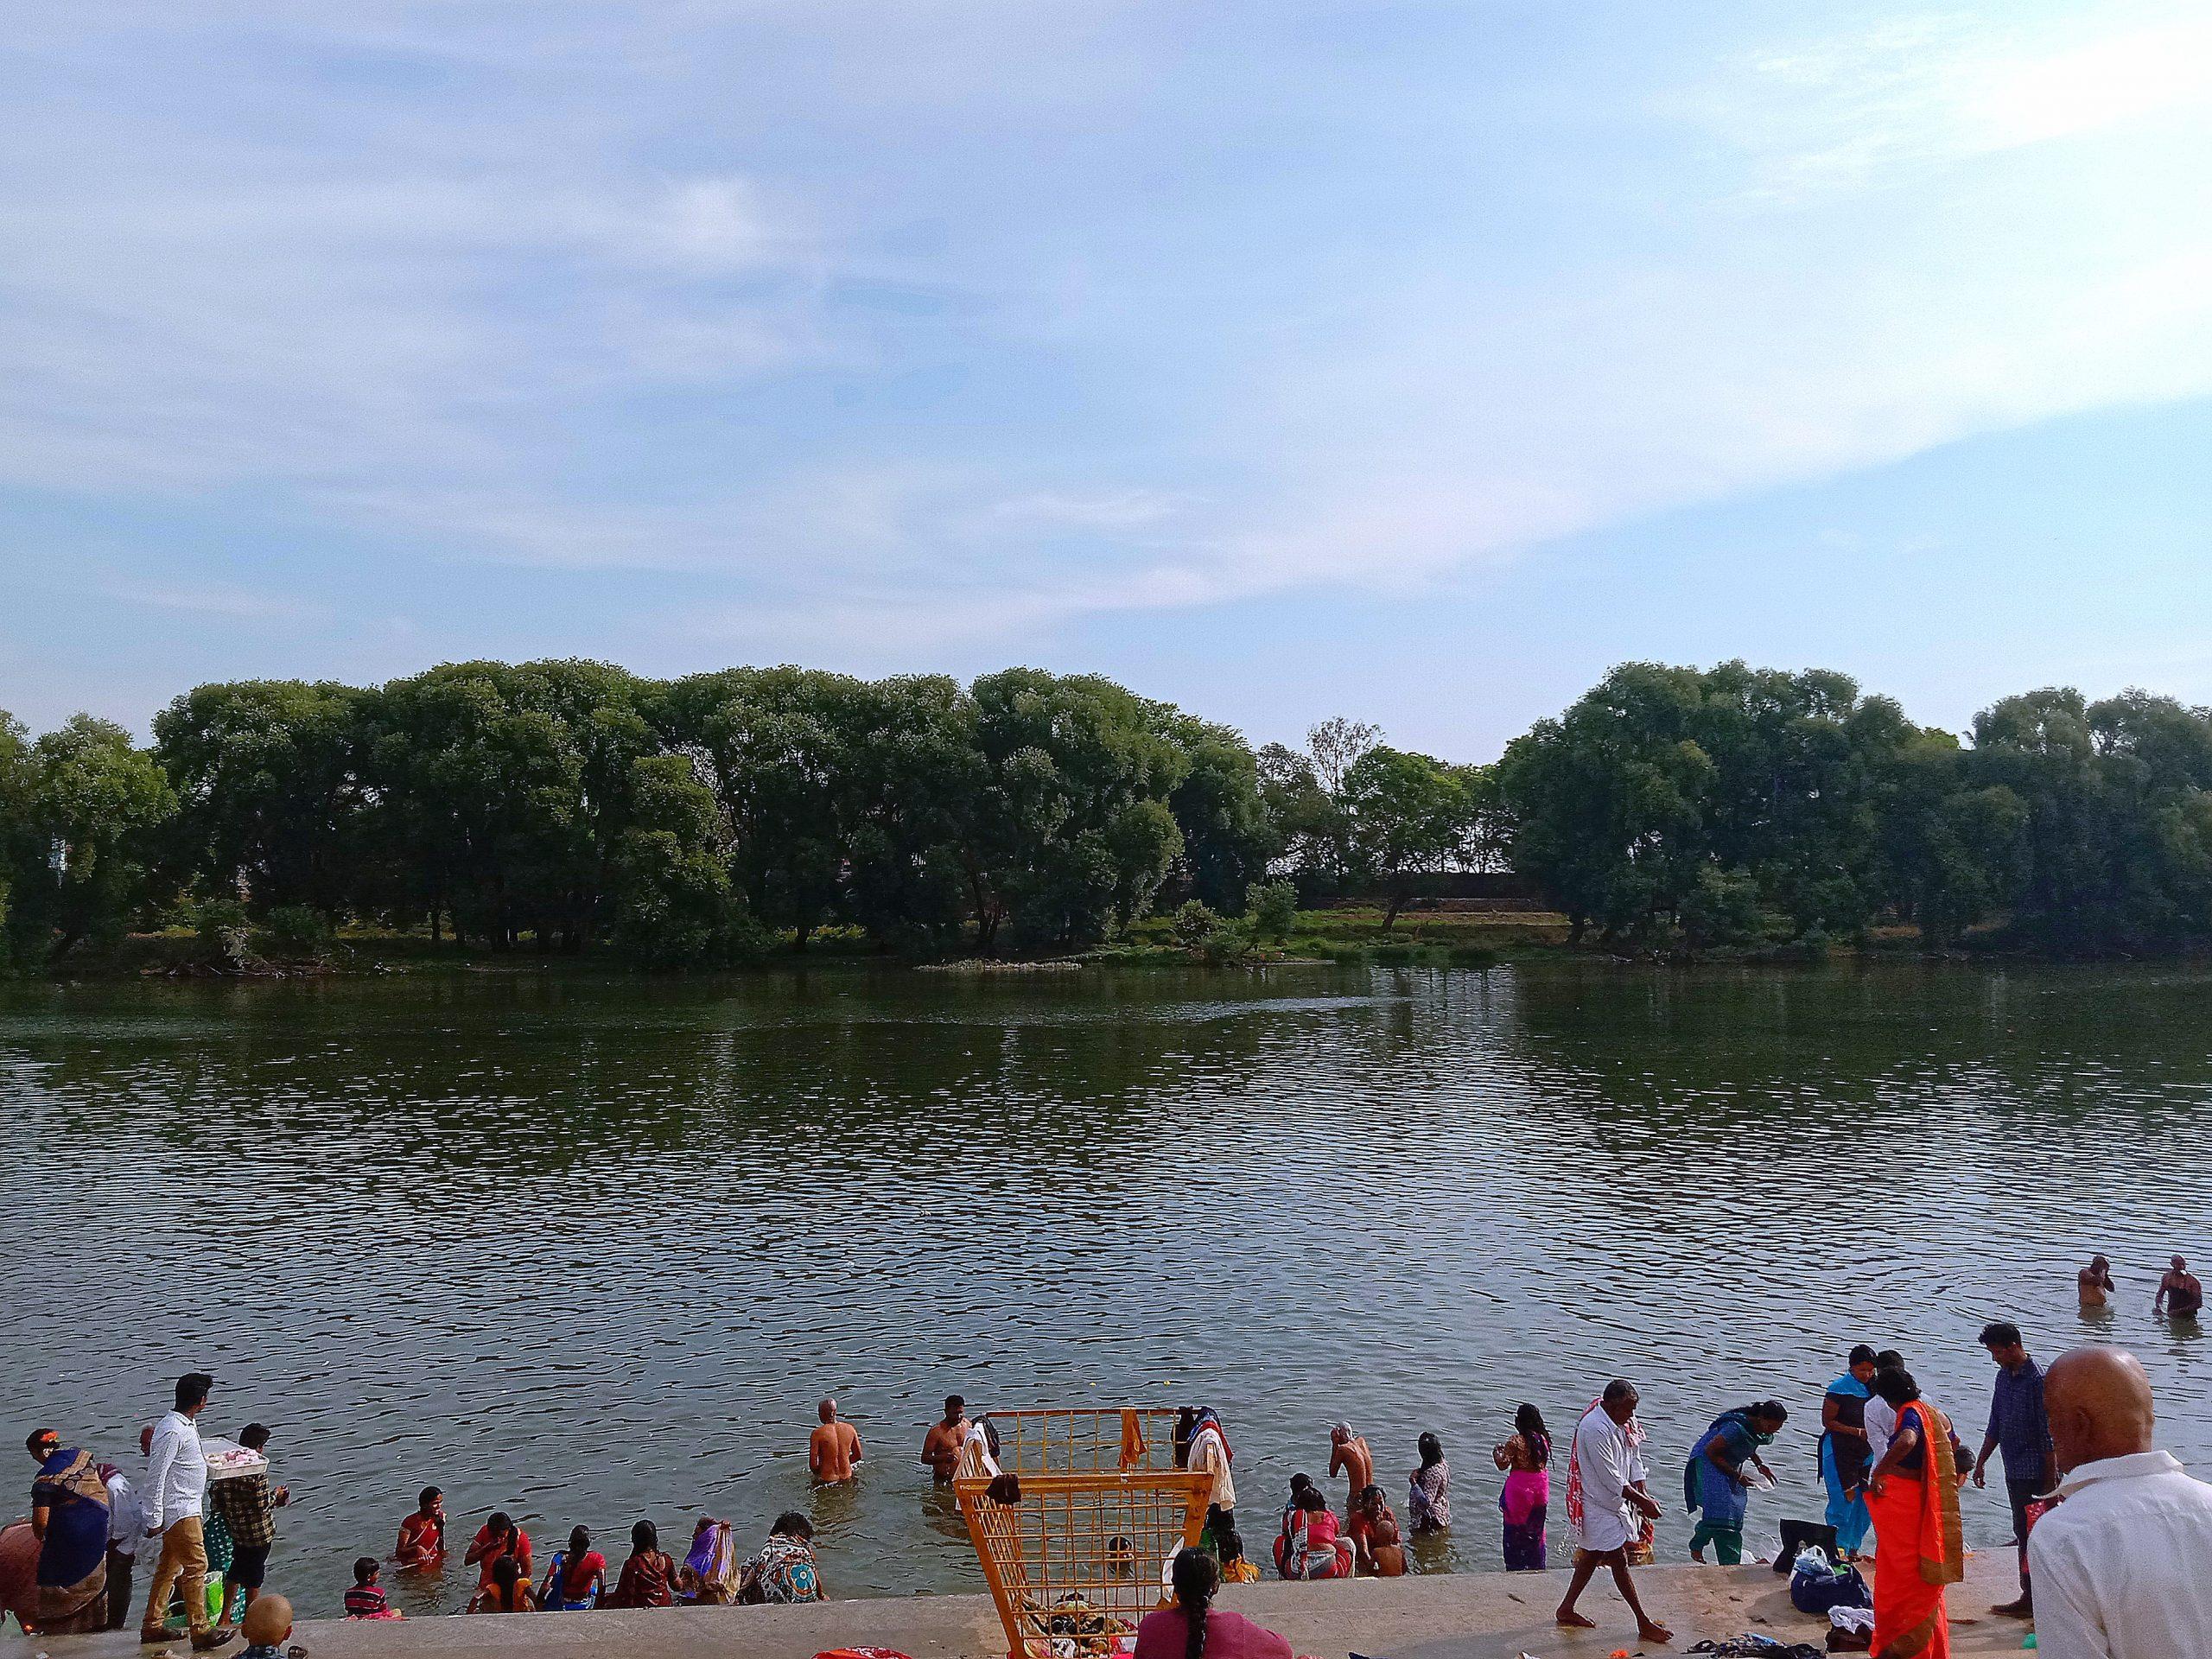 People taking ritual bath in a river